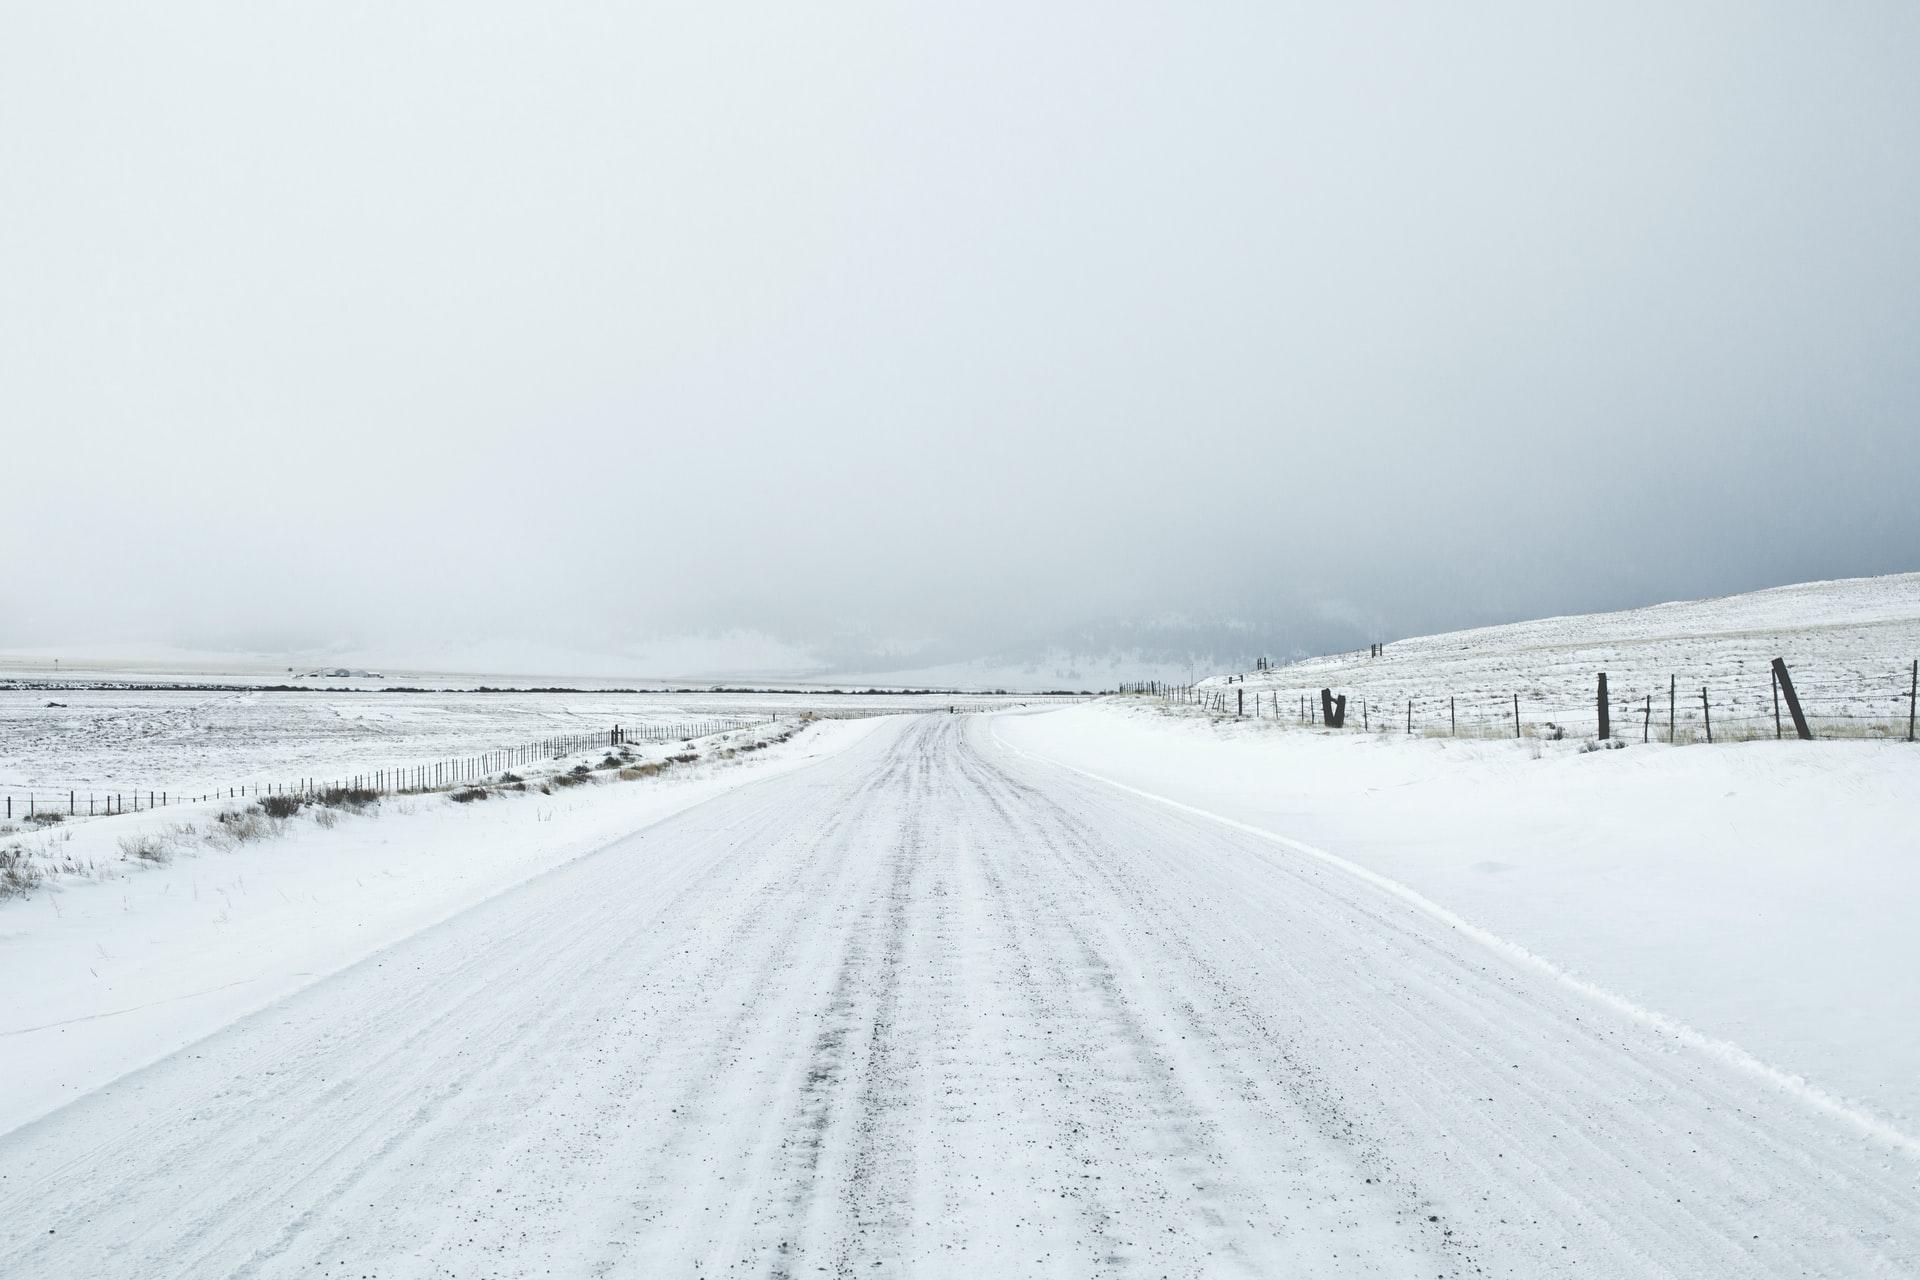 Dynamiczna pogoda w Polsce. Nadchodzą intensywne opady śniegu i marznącego deszczu